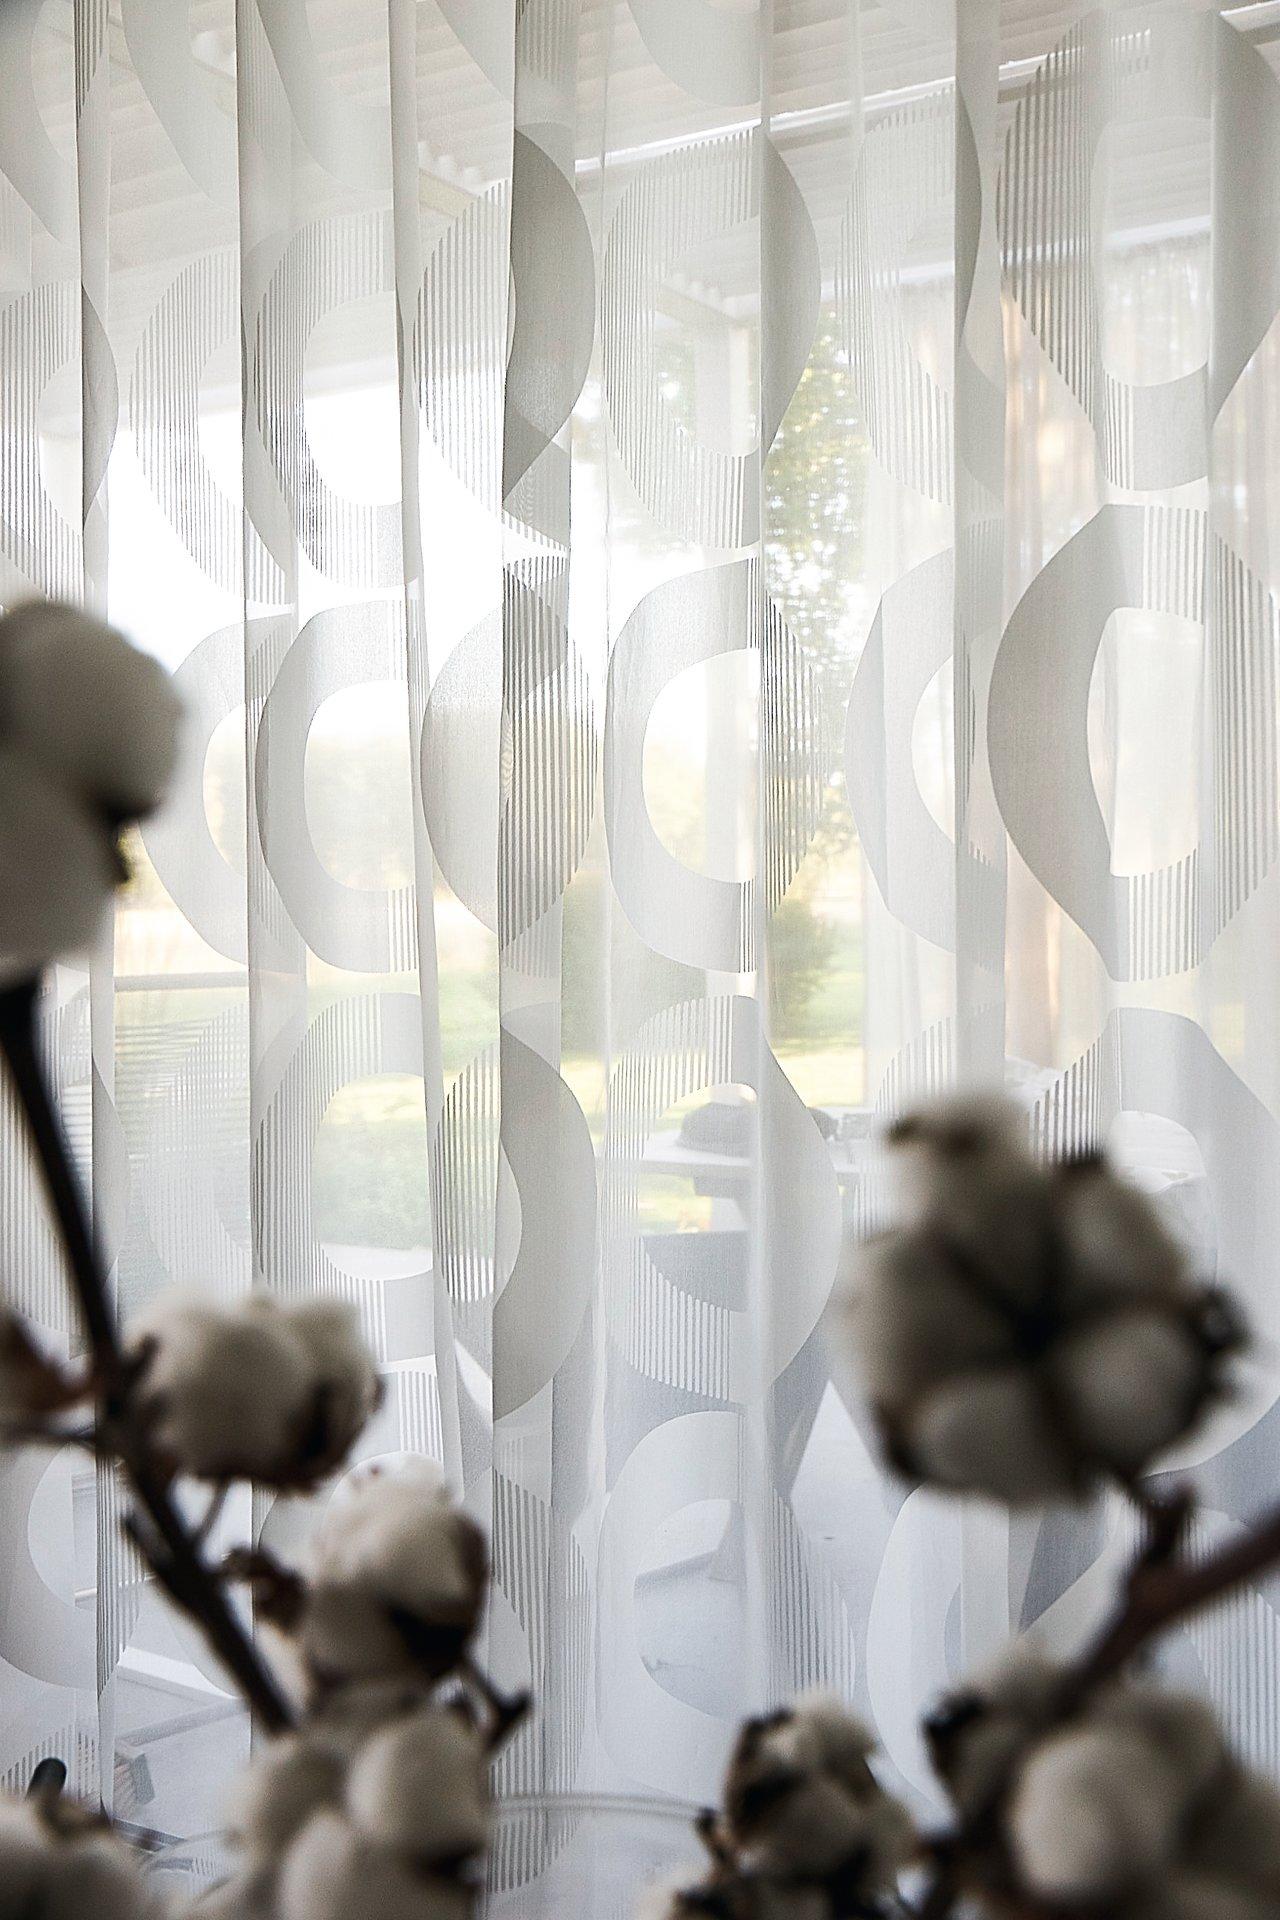 Full Size of Vorhang Linnea Modernes Muster Halbtransparent Auf Ma Wohnzimmer Gardinen Wandtattoos Küche Modern Weiss Board Tapeten Ideen Teppich Poster Beleuchtung Wohnzimmer Gardinen Modern Wohnzimmer